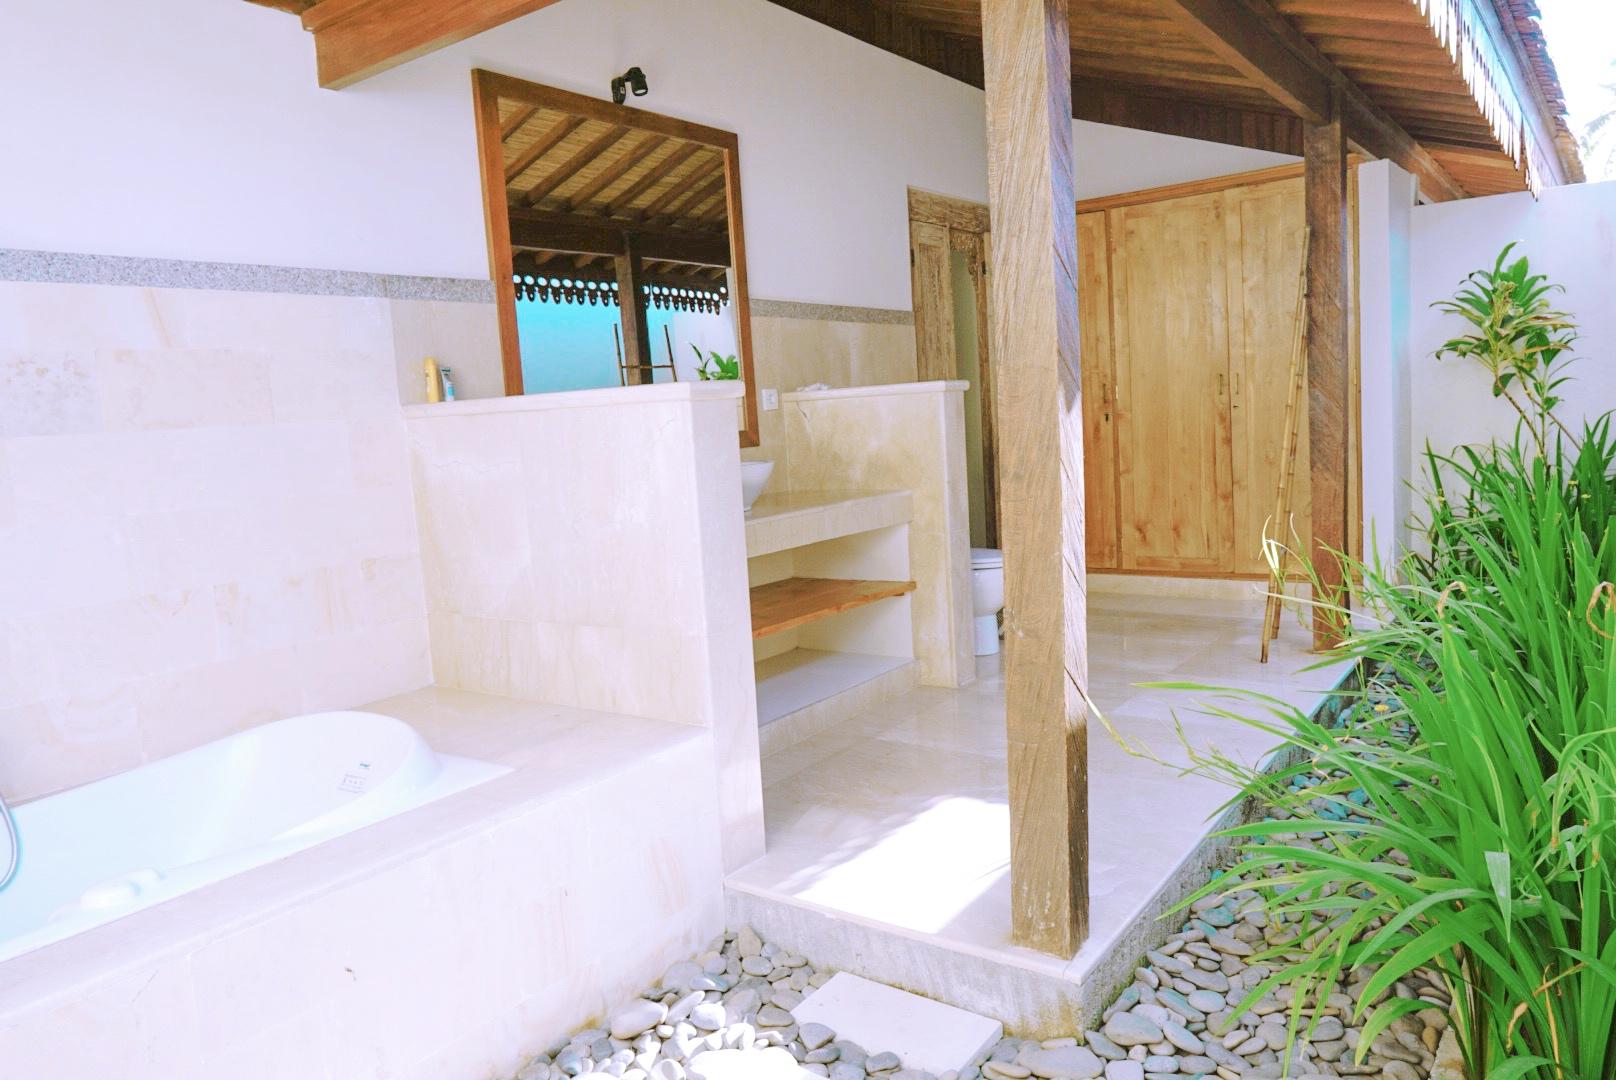 Koupelna ve vile na Bali Asijo